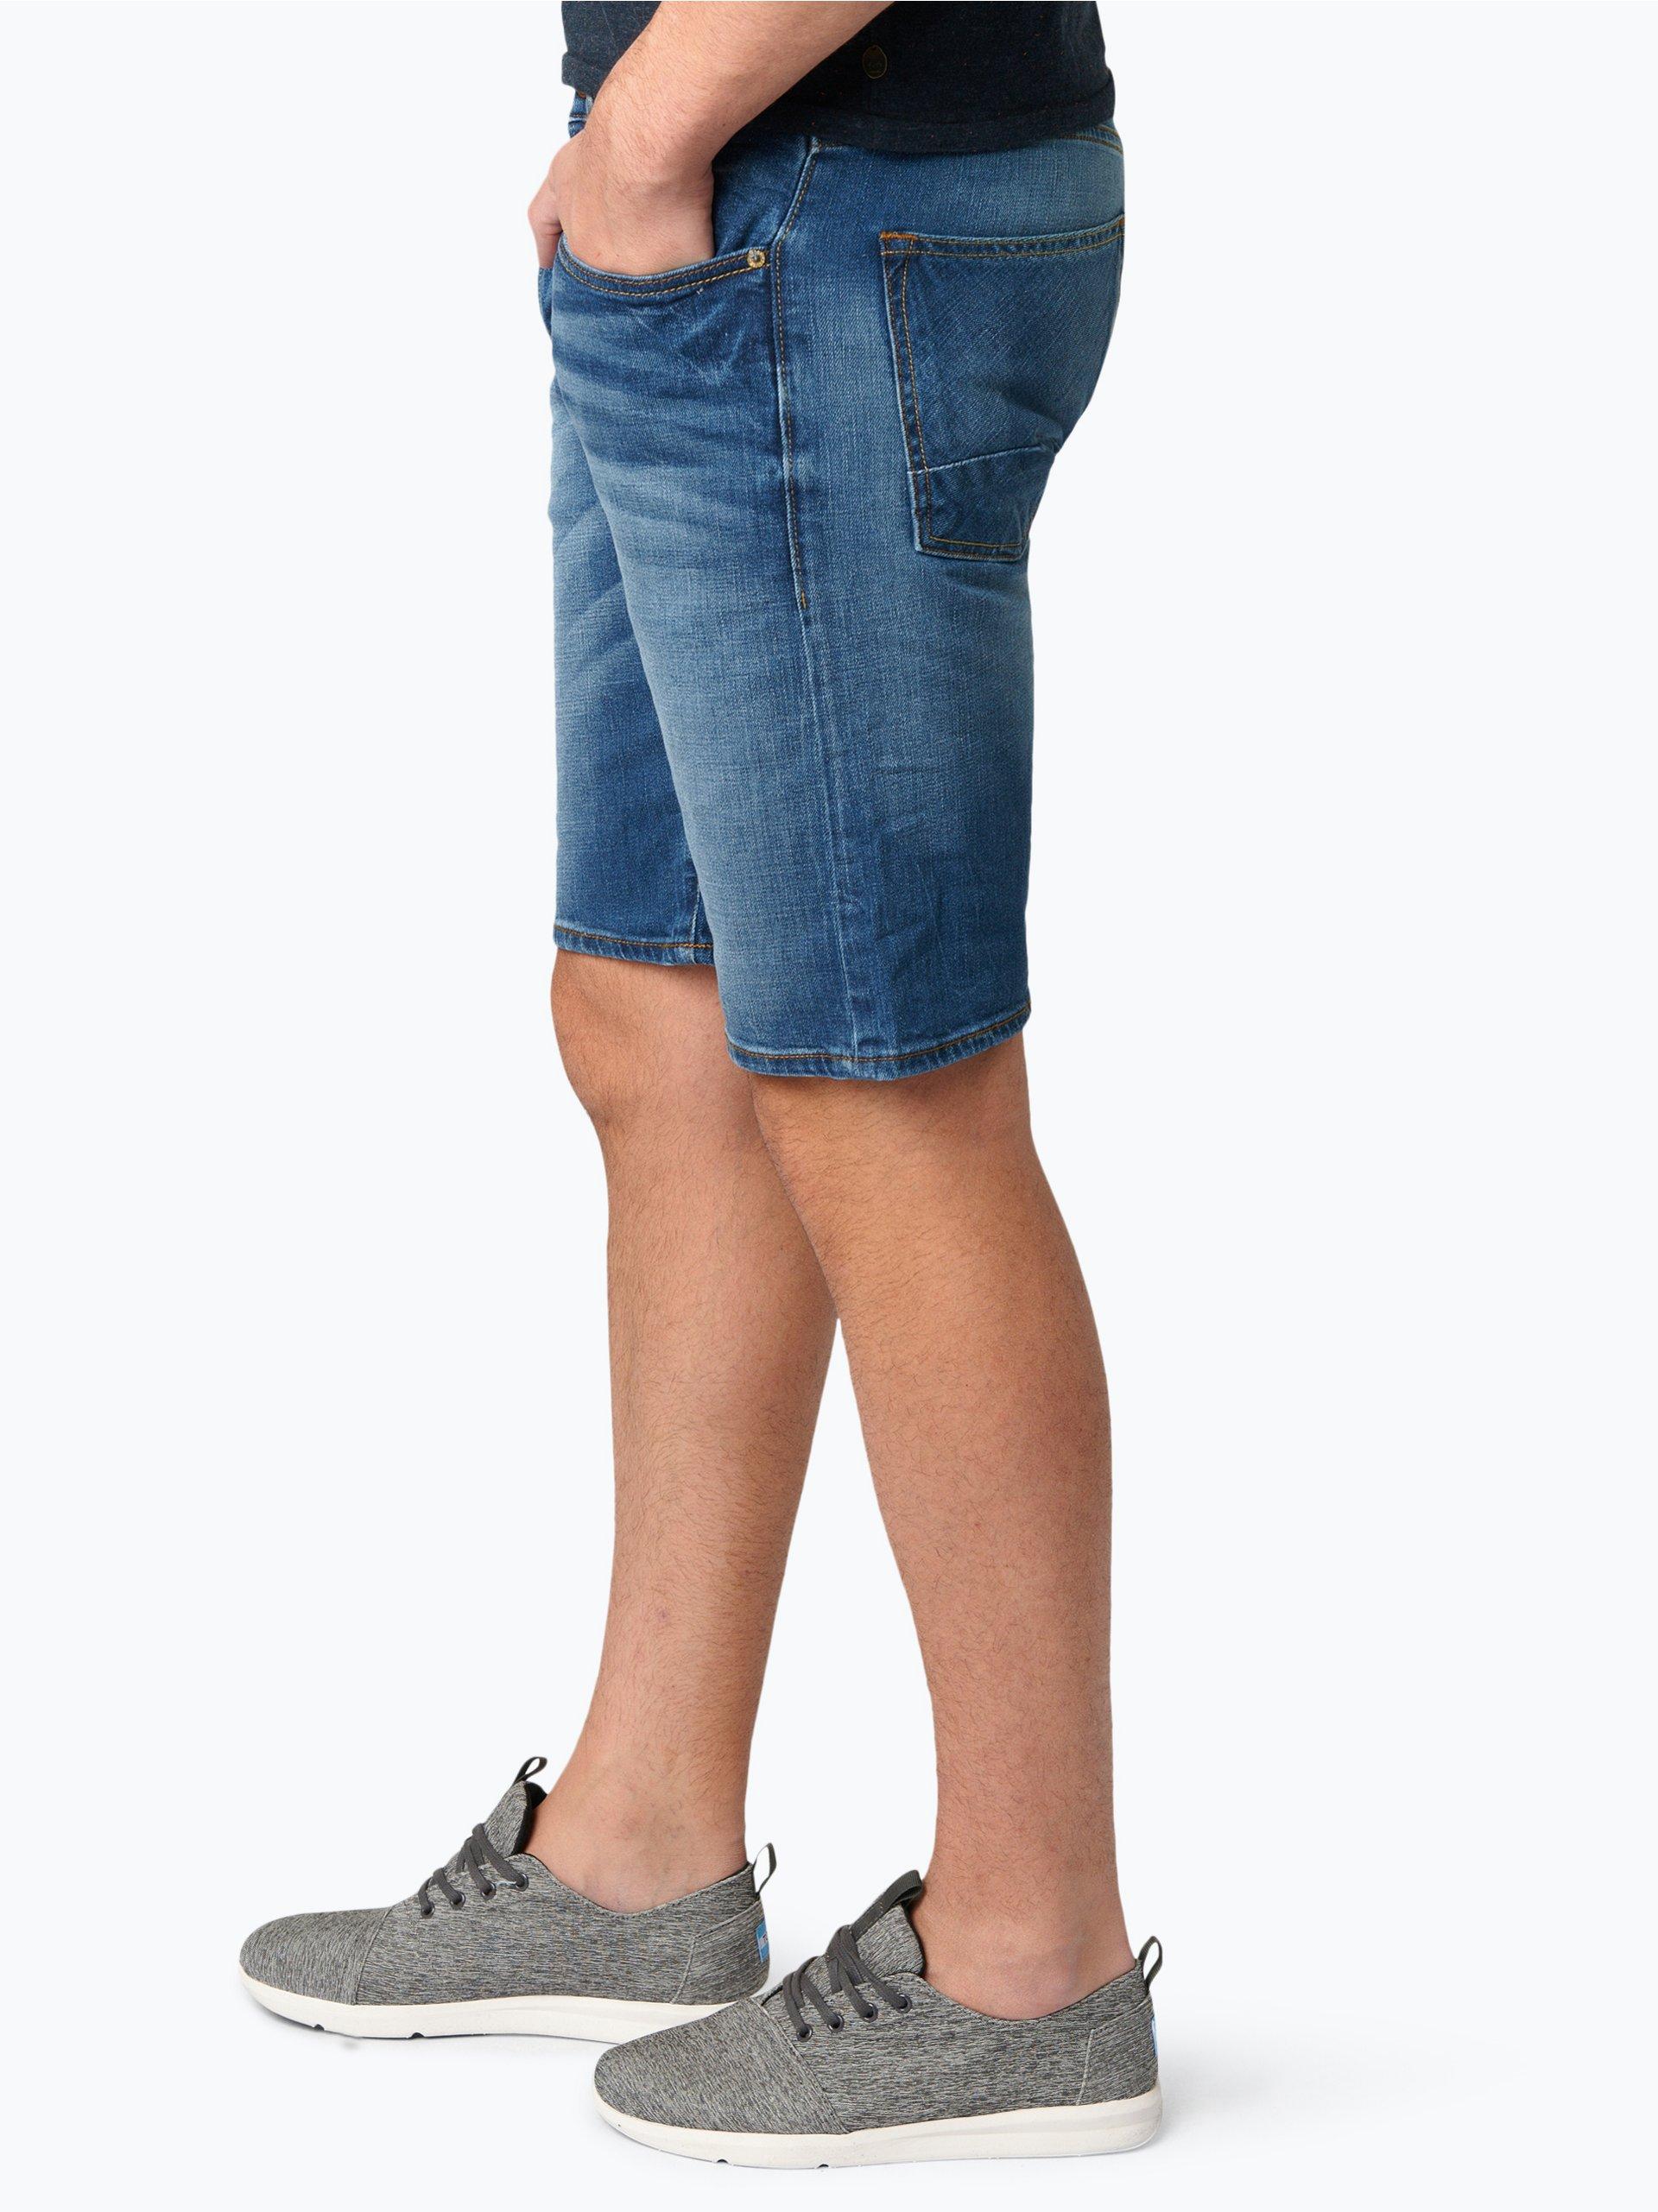 scotch soda herren jeans bermuda ralston 2 online kaufen peek und cloppenburg de. Black Bedroom Furniture Sets. Home Design Ideas